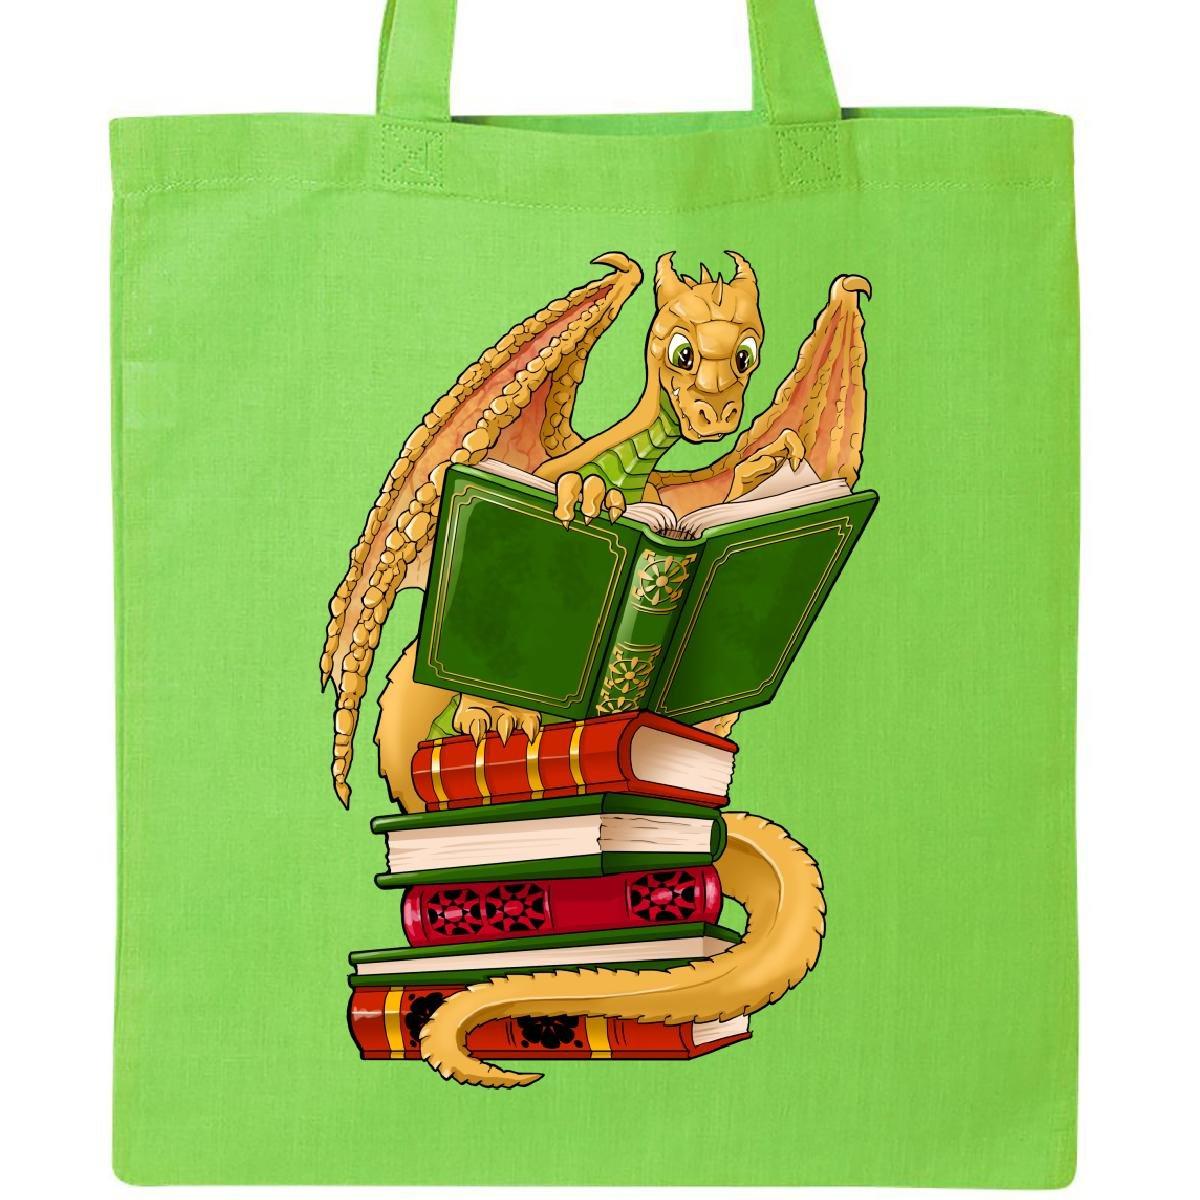 非売品 Inktastic Booksトートバッグ well-readキュートゴールドドラゴンReading Booksトートバッグ One Size Size ブラック B06Y5TJM4S ライムグリーン ライムグリーン ライムグリーン, A-スロット:3a7fb240 --- 4x4.lt